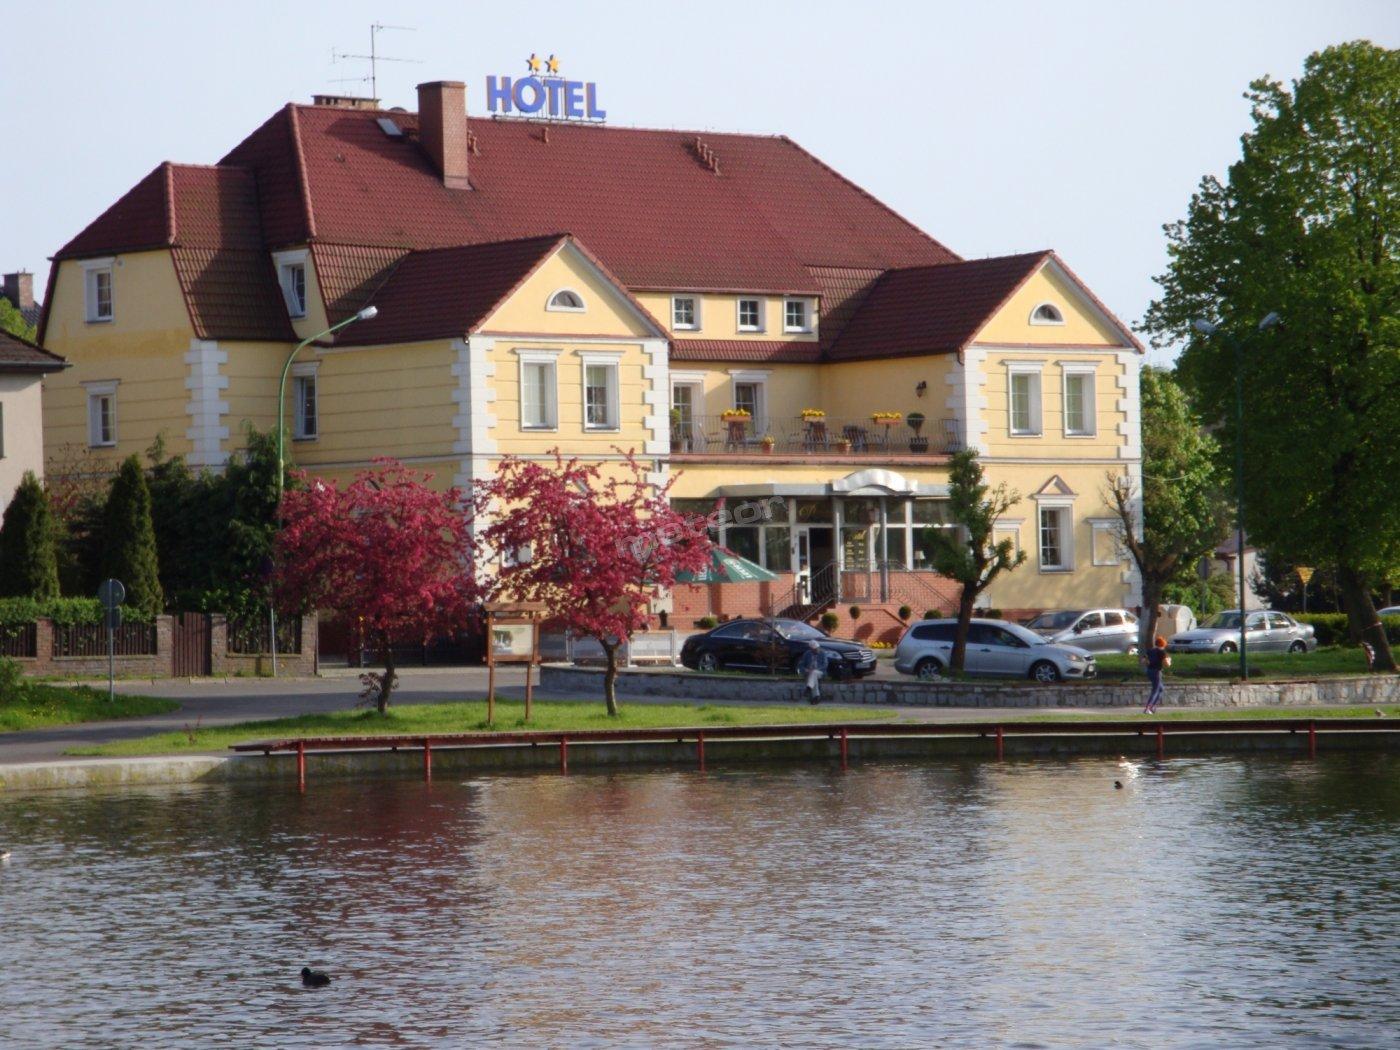 Hotel panorama z jeziora